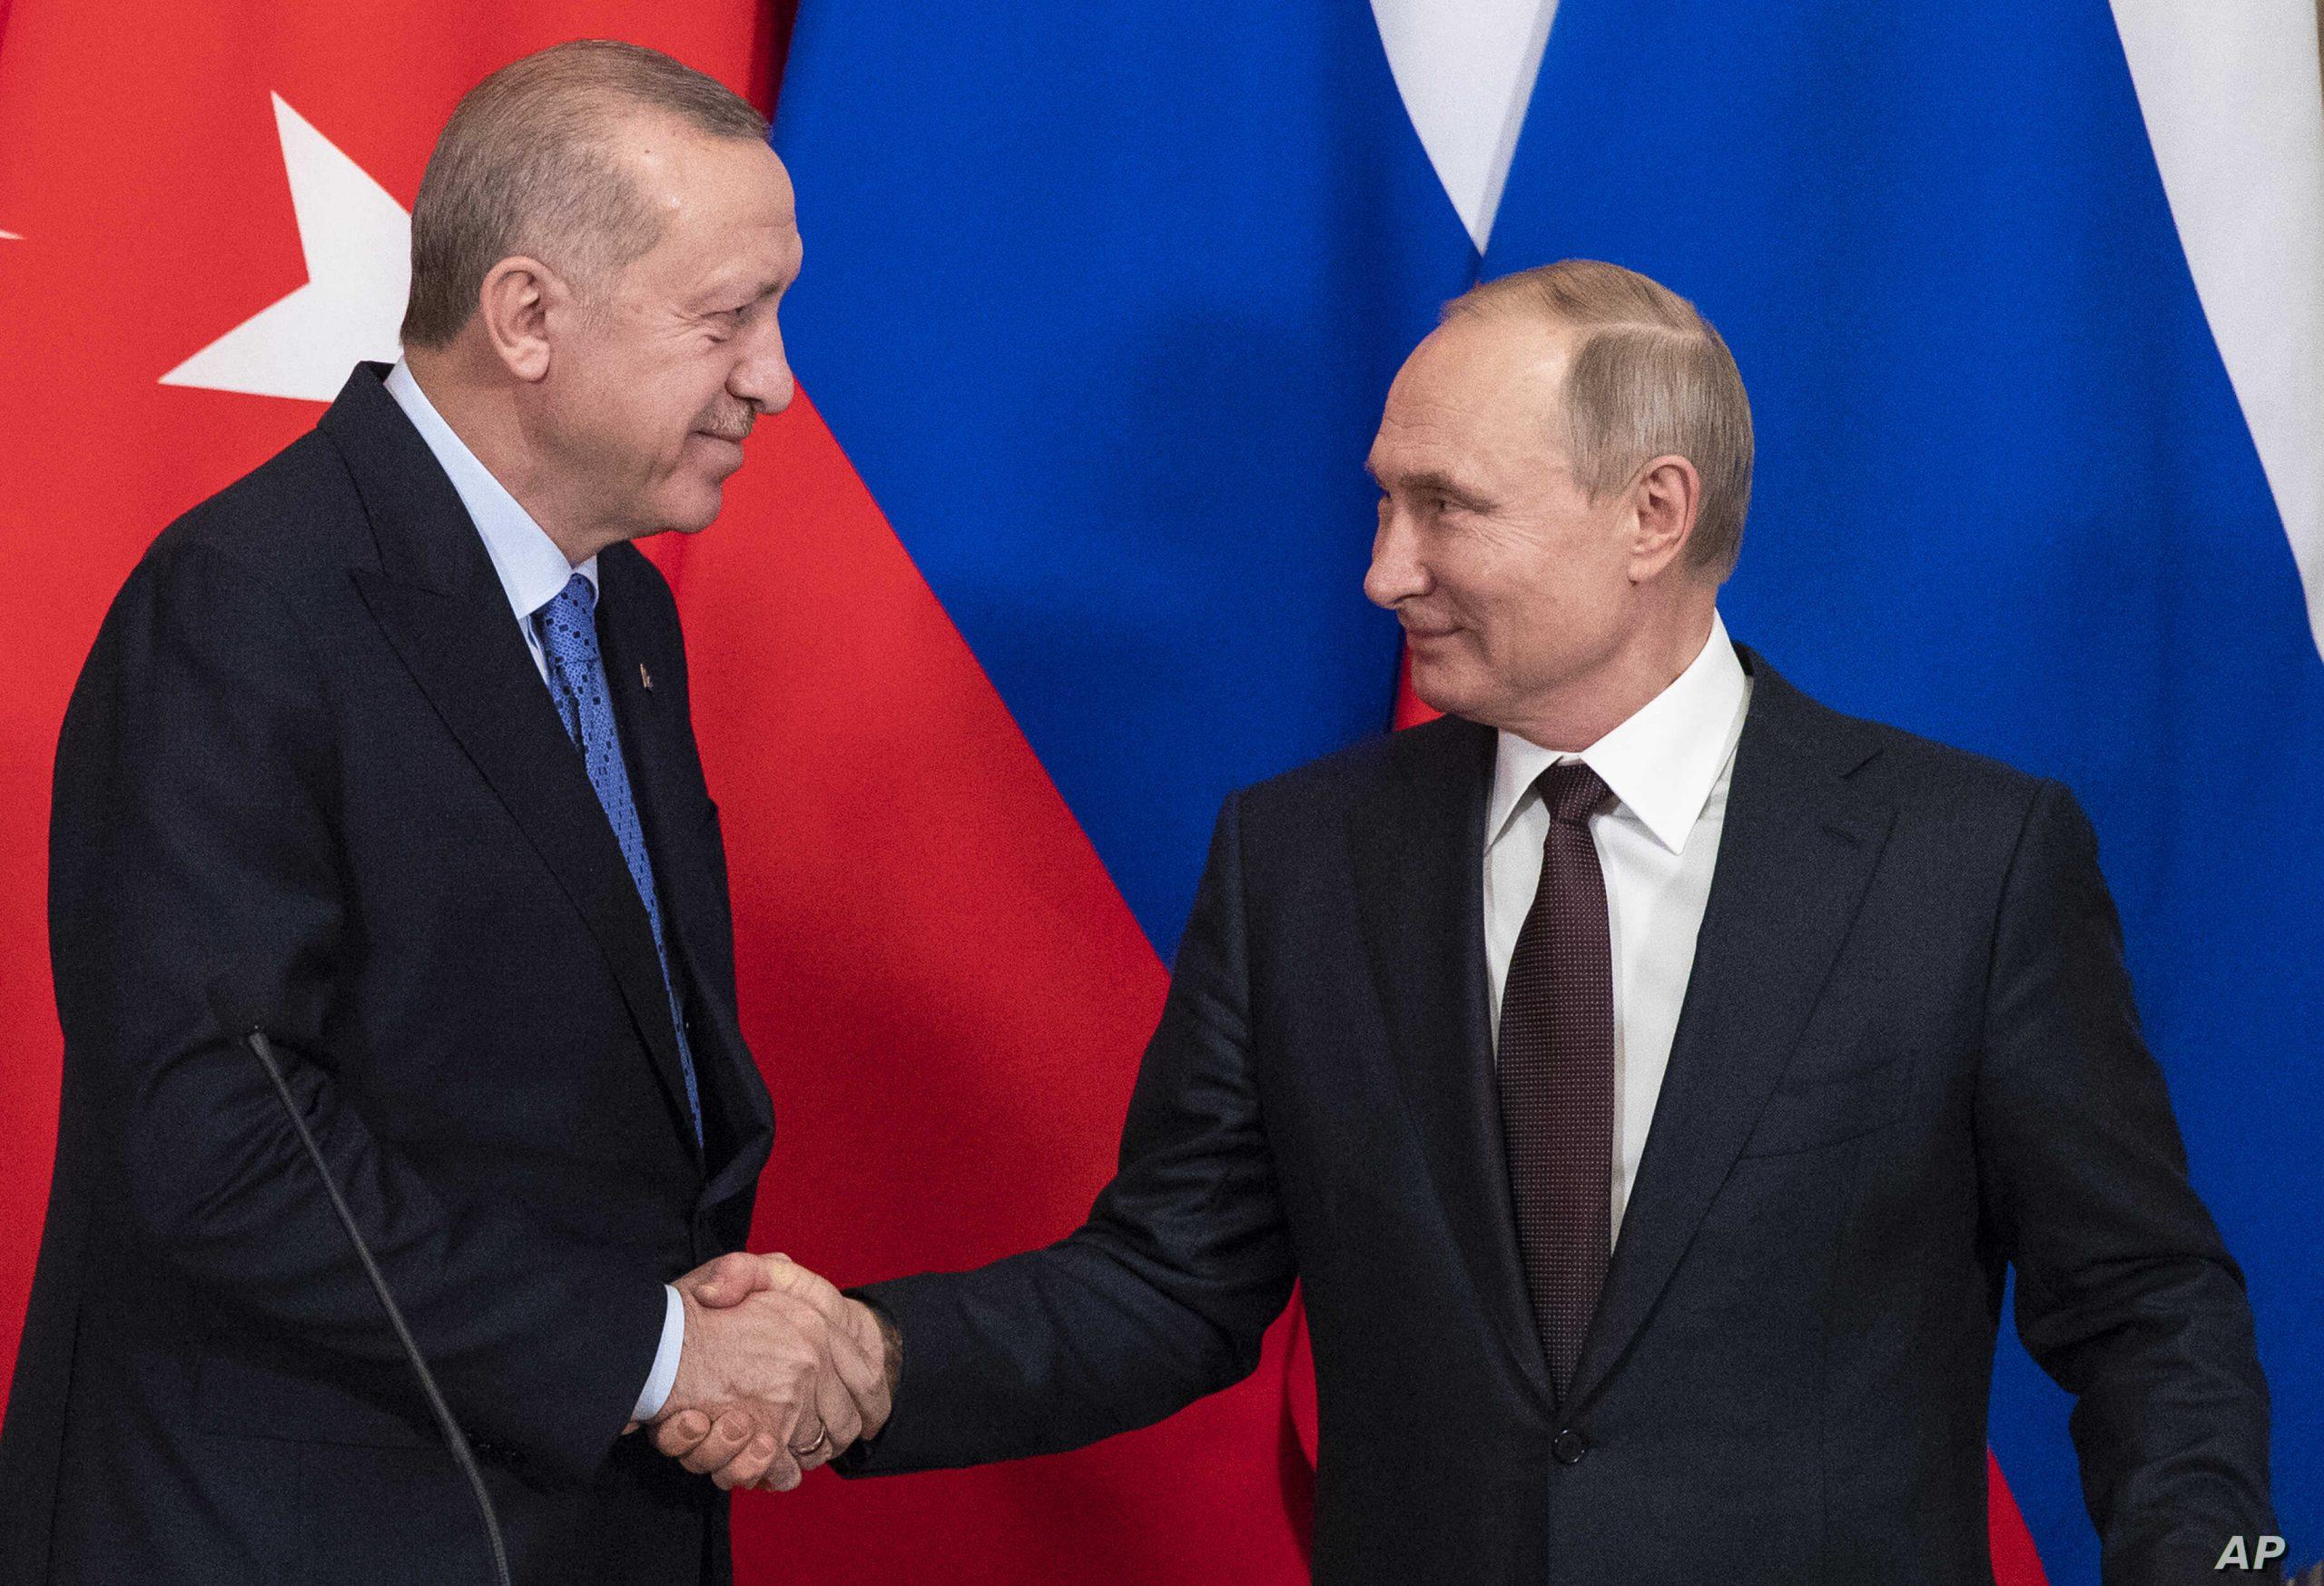 Televizioni kombëtar turk, TRT nis transmetimin e lajmeve në rusisht